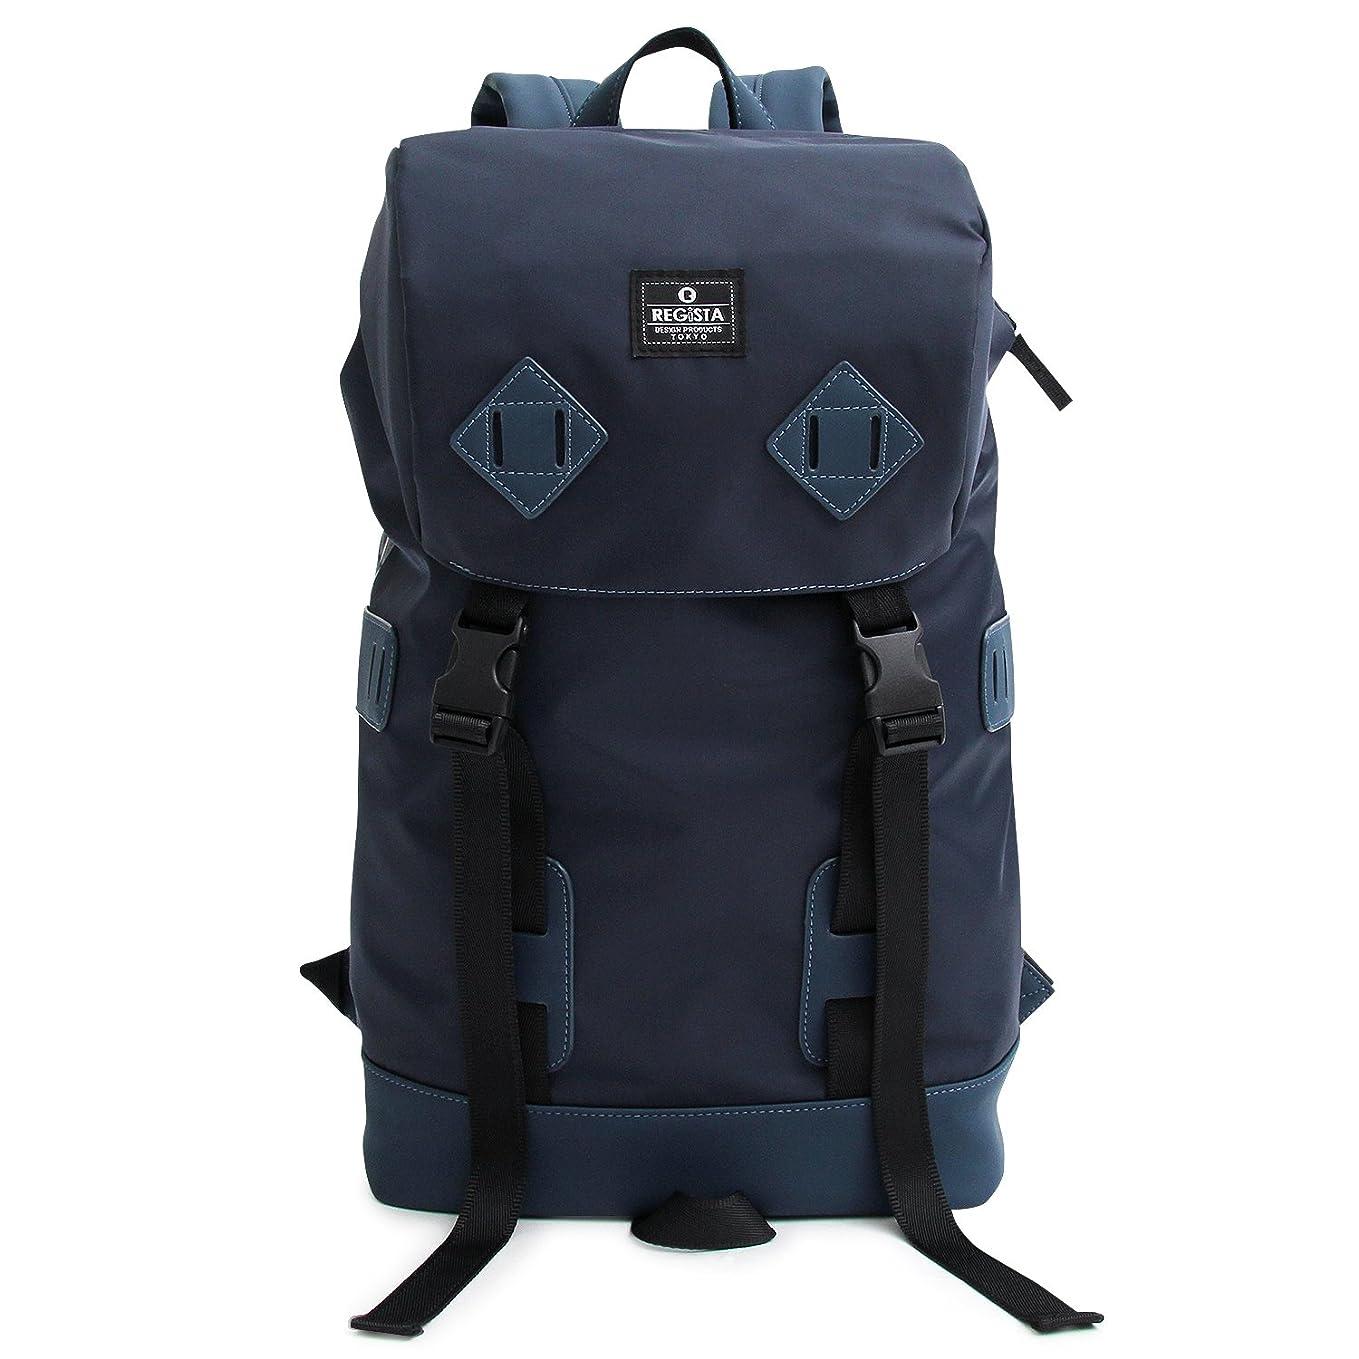 ダイエット全く万一に備えて(GLASS STUDIO) リュック レディース バッグパック ナイロン 大きい 旅行 ジム ゴルフ カバン バッグ 鞄